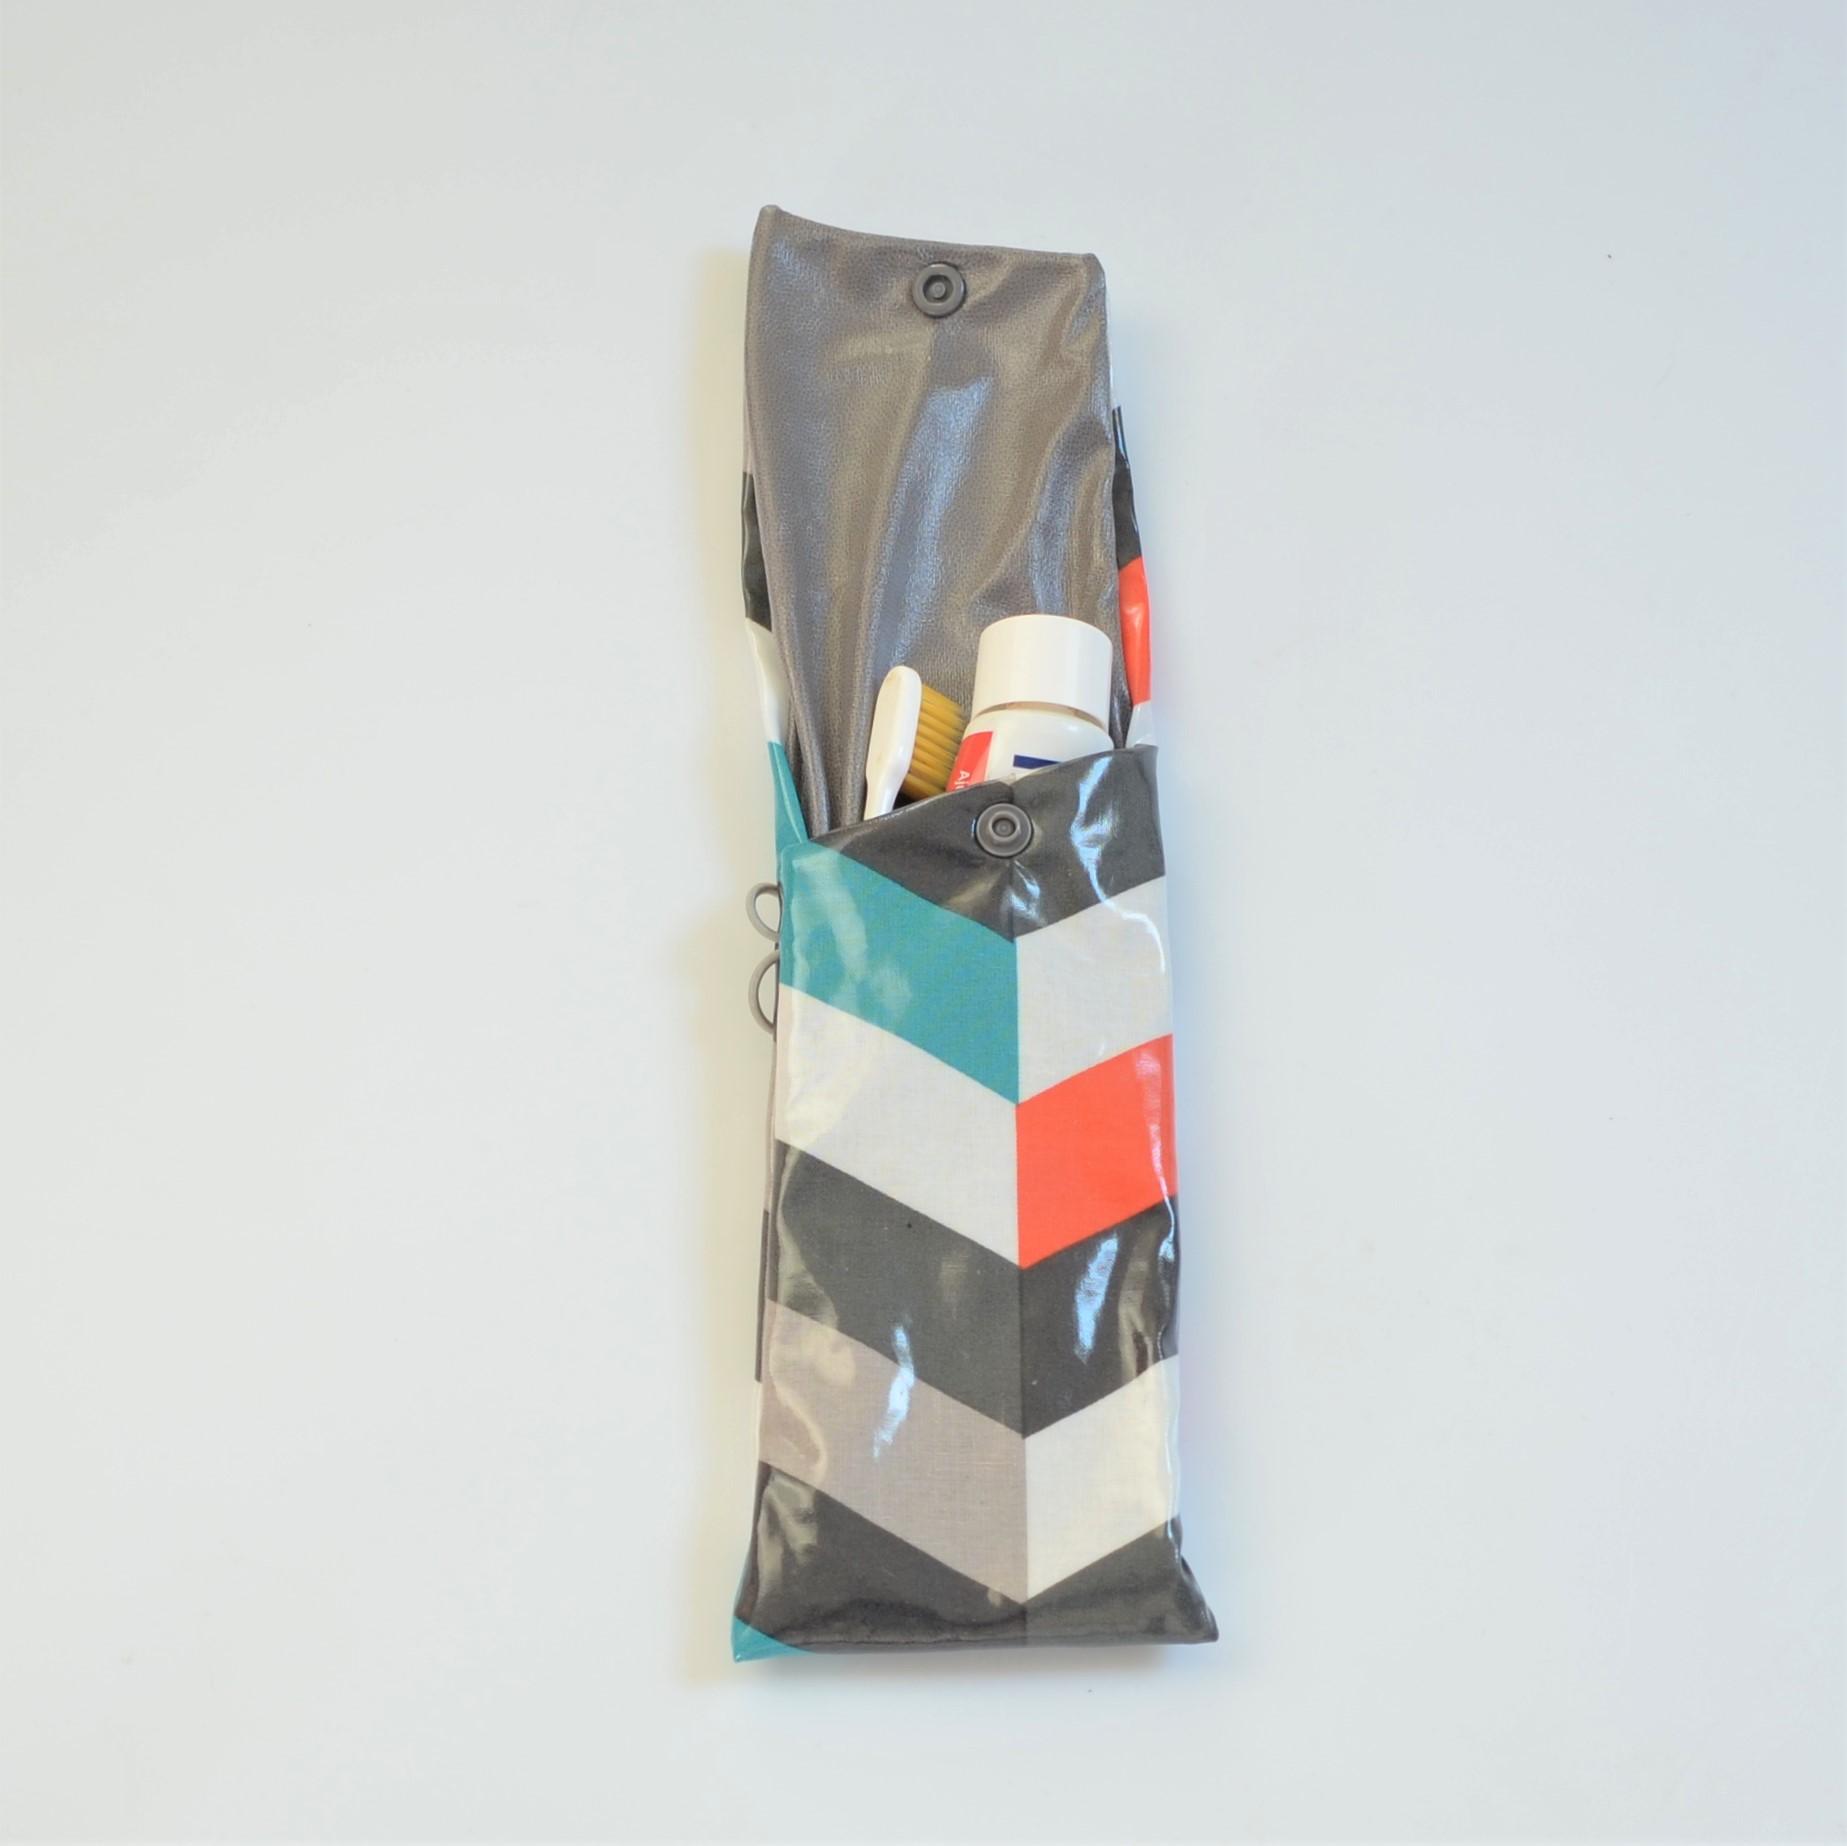 Etui imperméable pour brosse à dent et dentifrice chevron--9995971564662